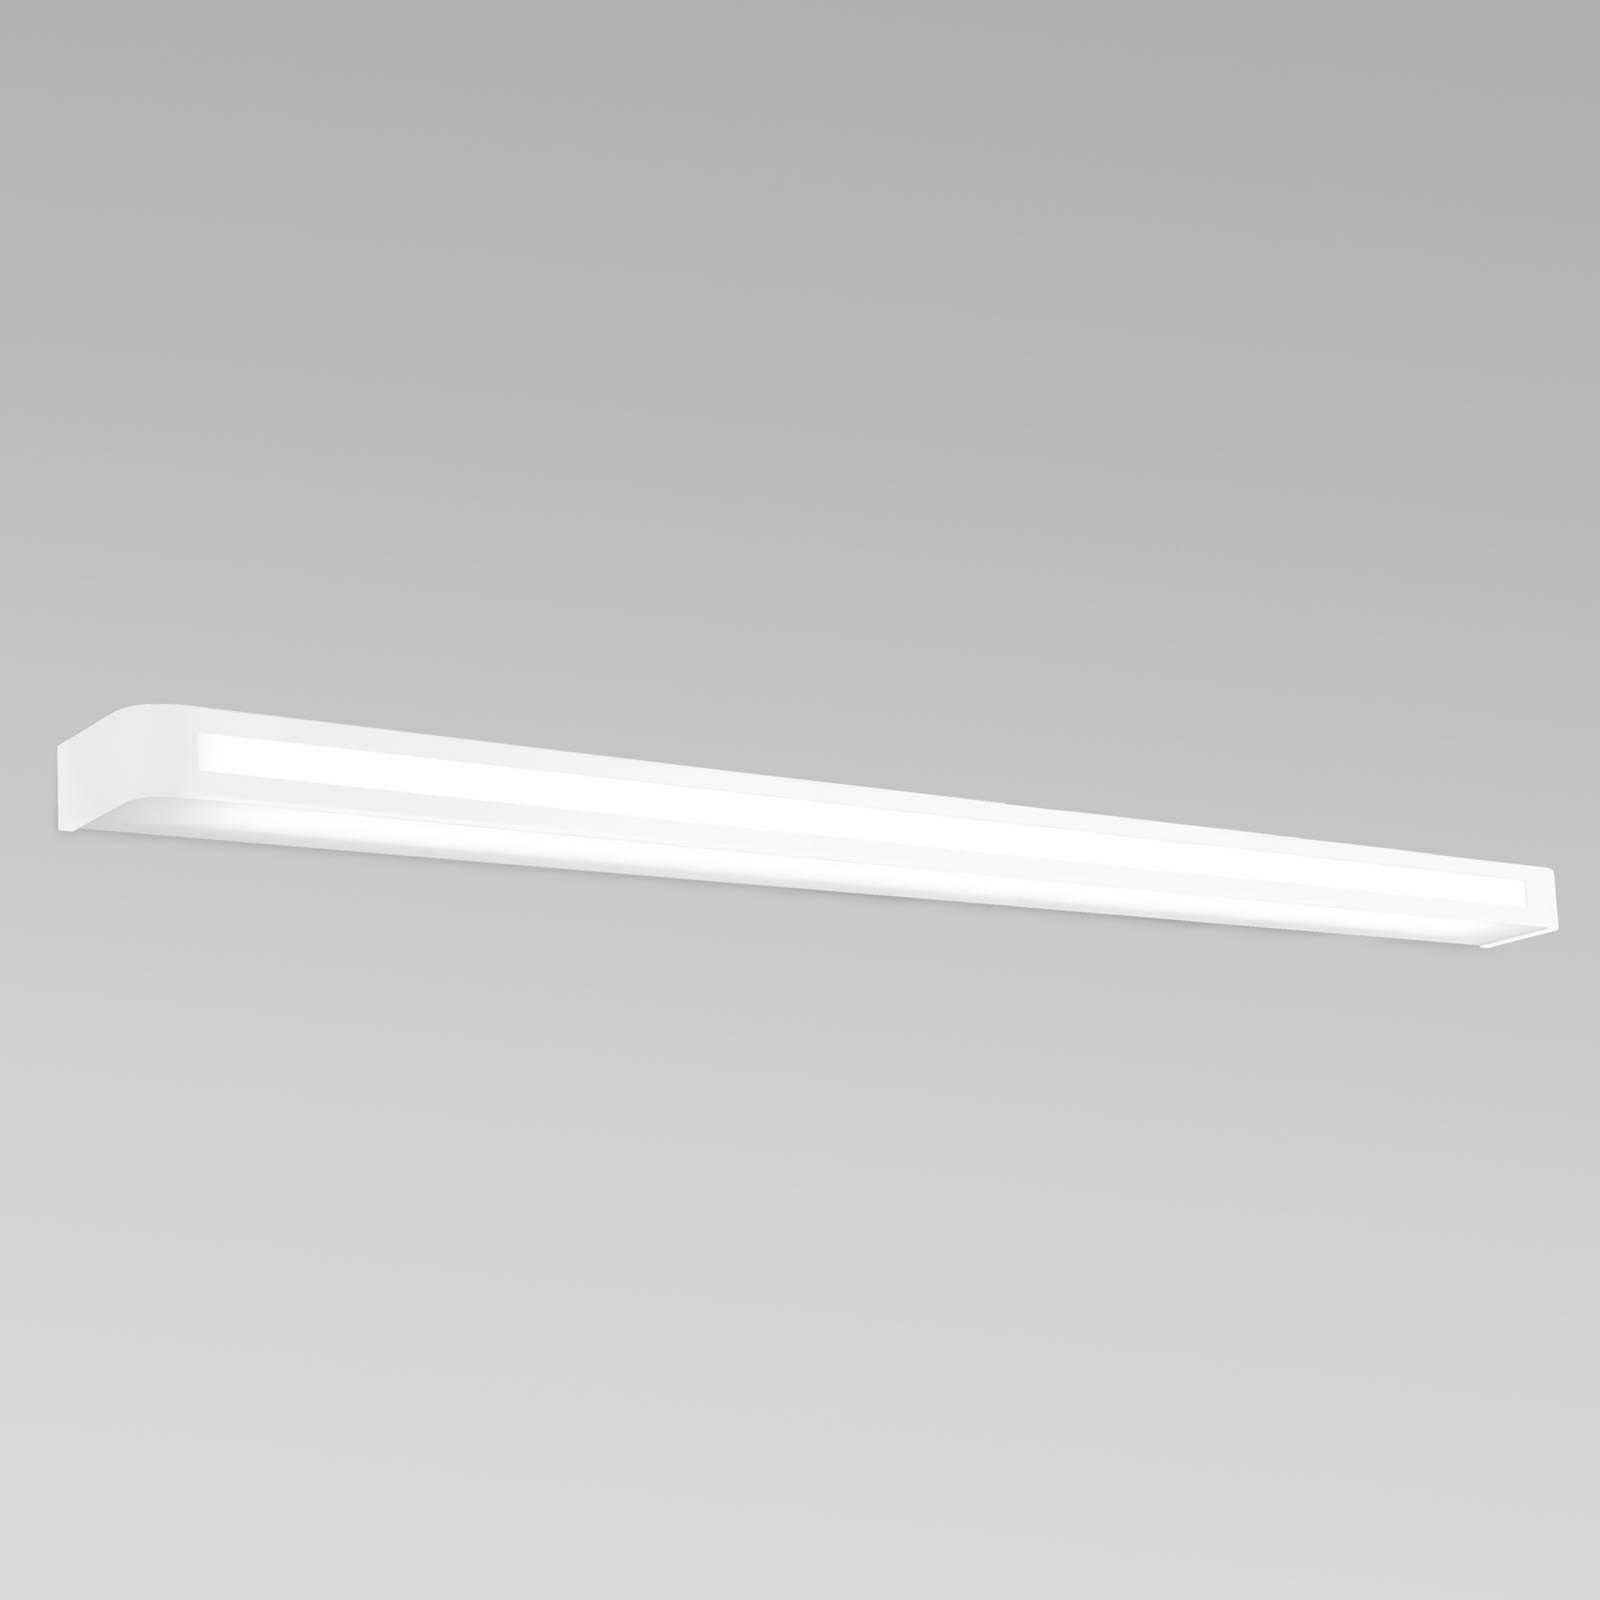 Ajaton LED-seinävalaisin Acros, 120 cm, valkoinen